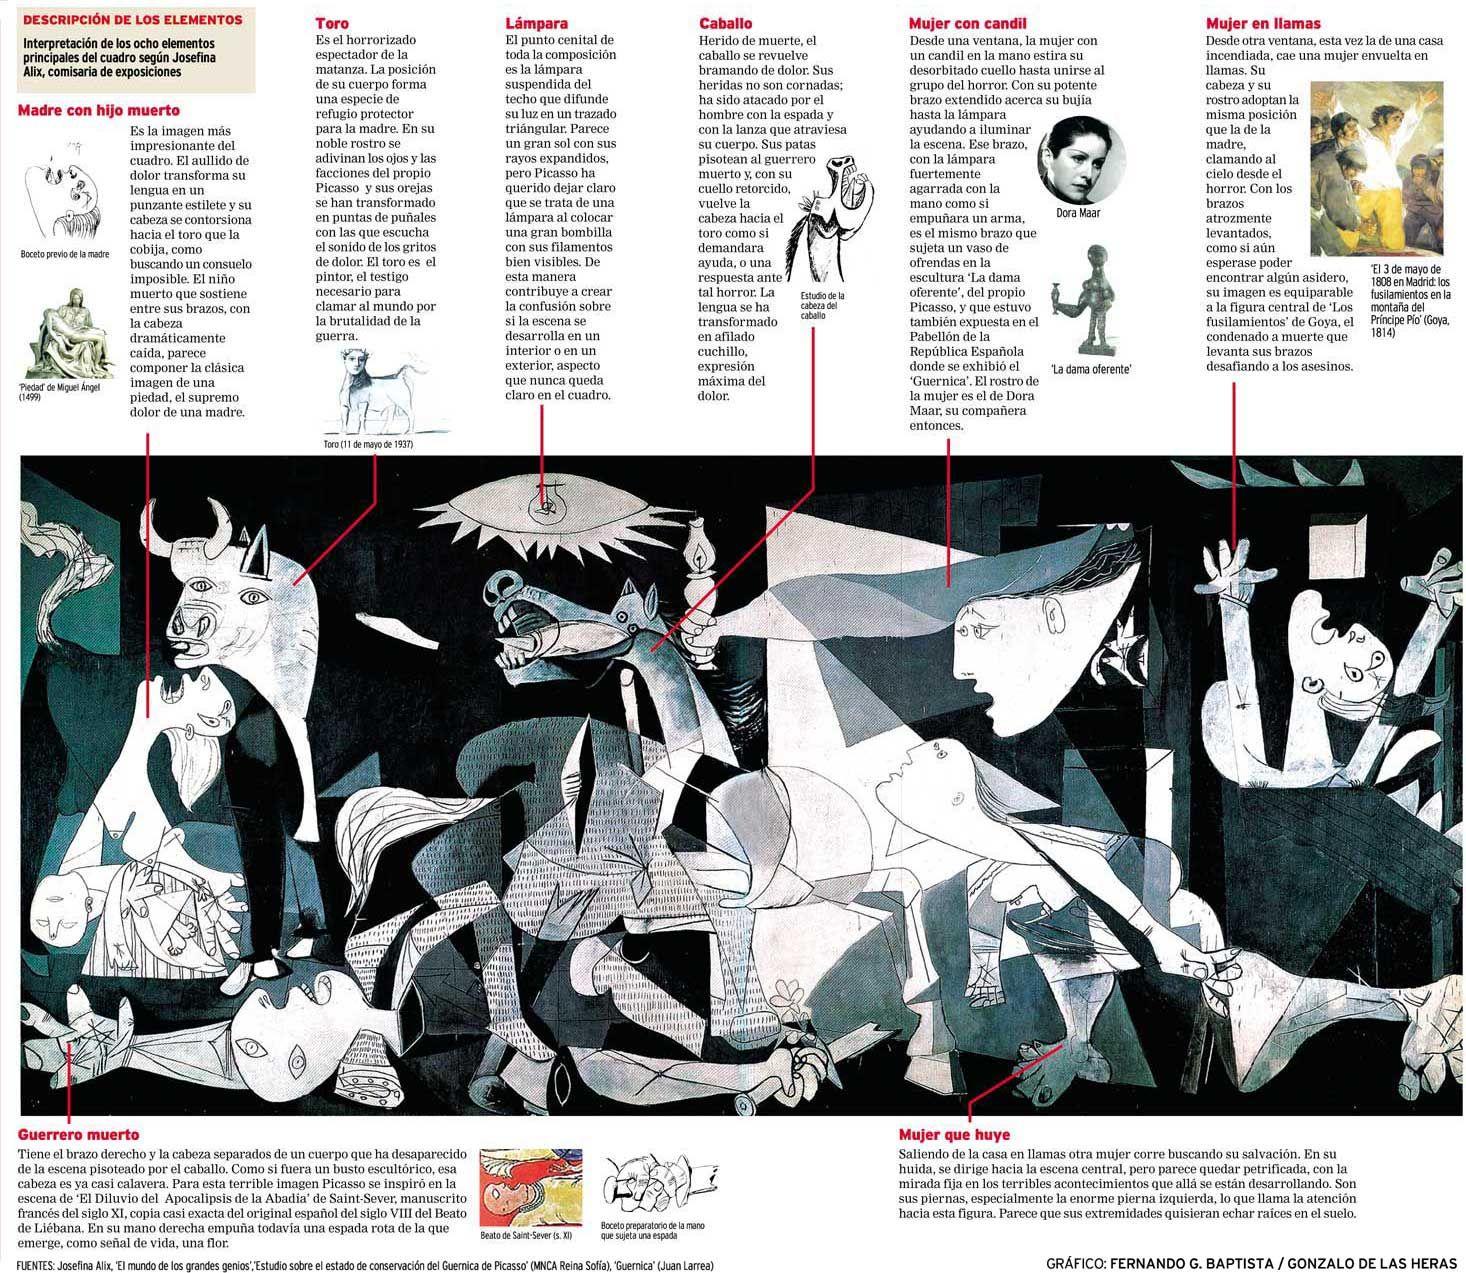 Simbolos Guernica